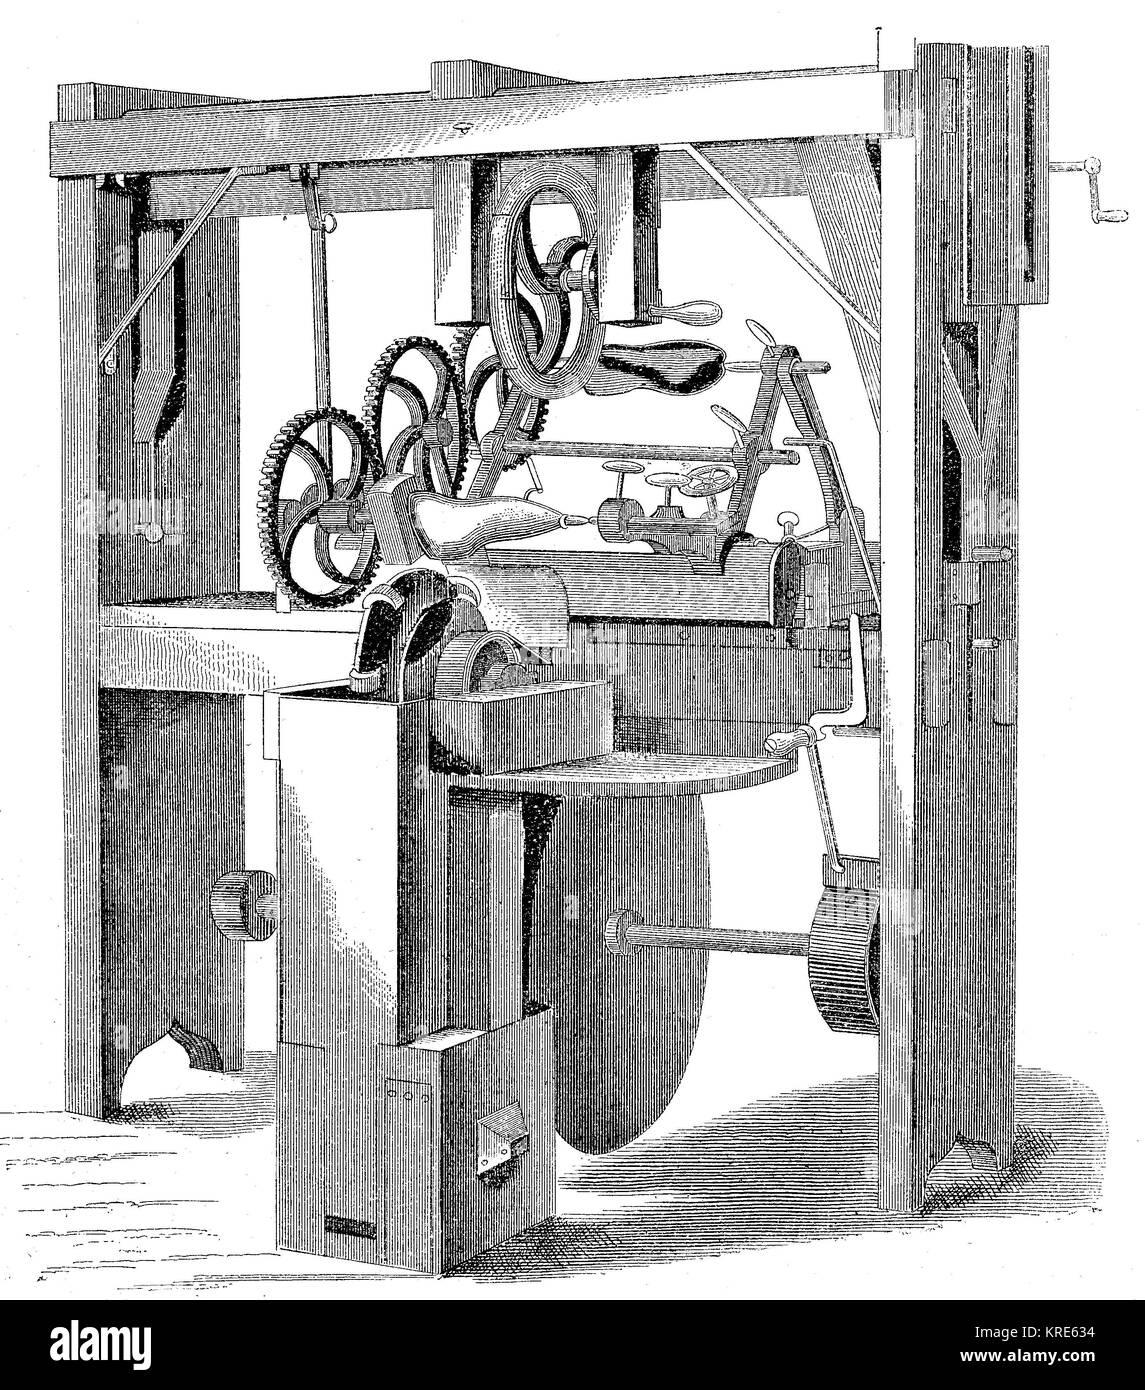 Maschine für die automatische Produktion von schuhleisten aus J.W.Stadt, digital verbesserte Reproduktion eines Stockbild